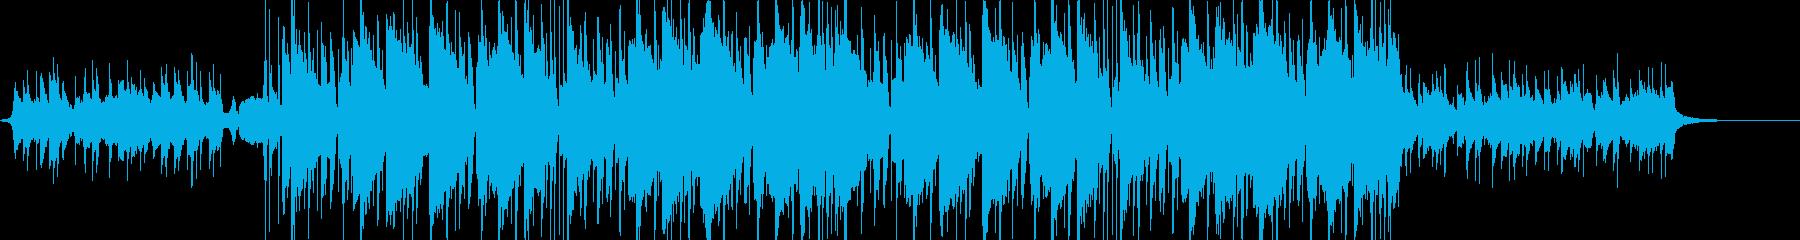 洋楽風・爽やかなFutureBass bの再生済みの波形